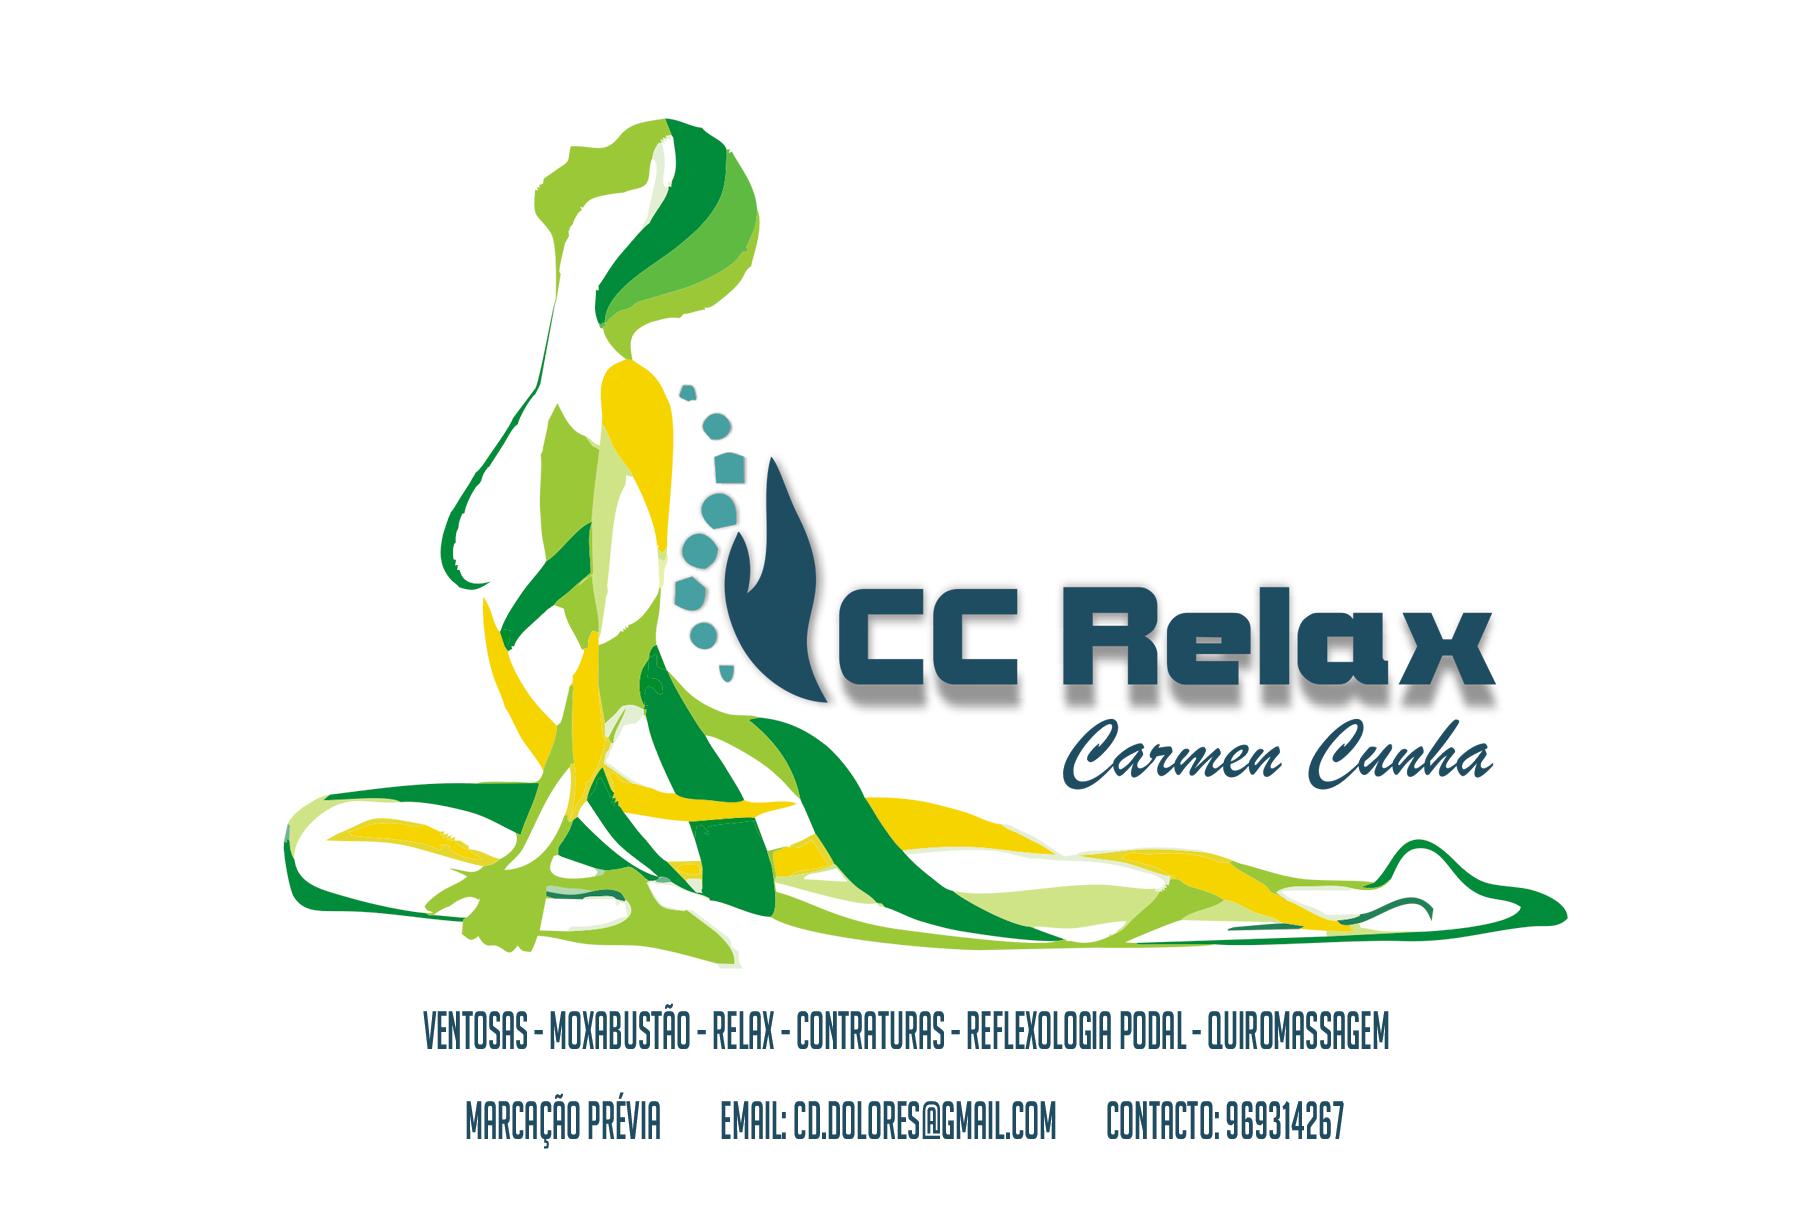 CC Relax de Carmen Dolores